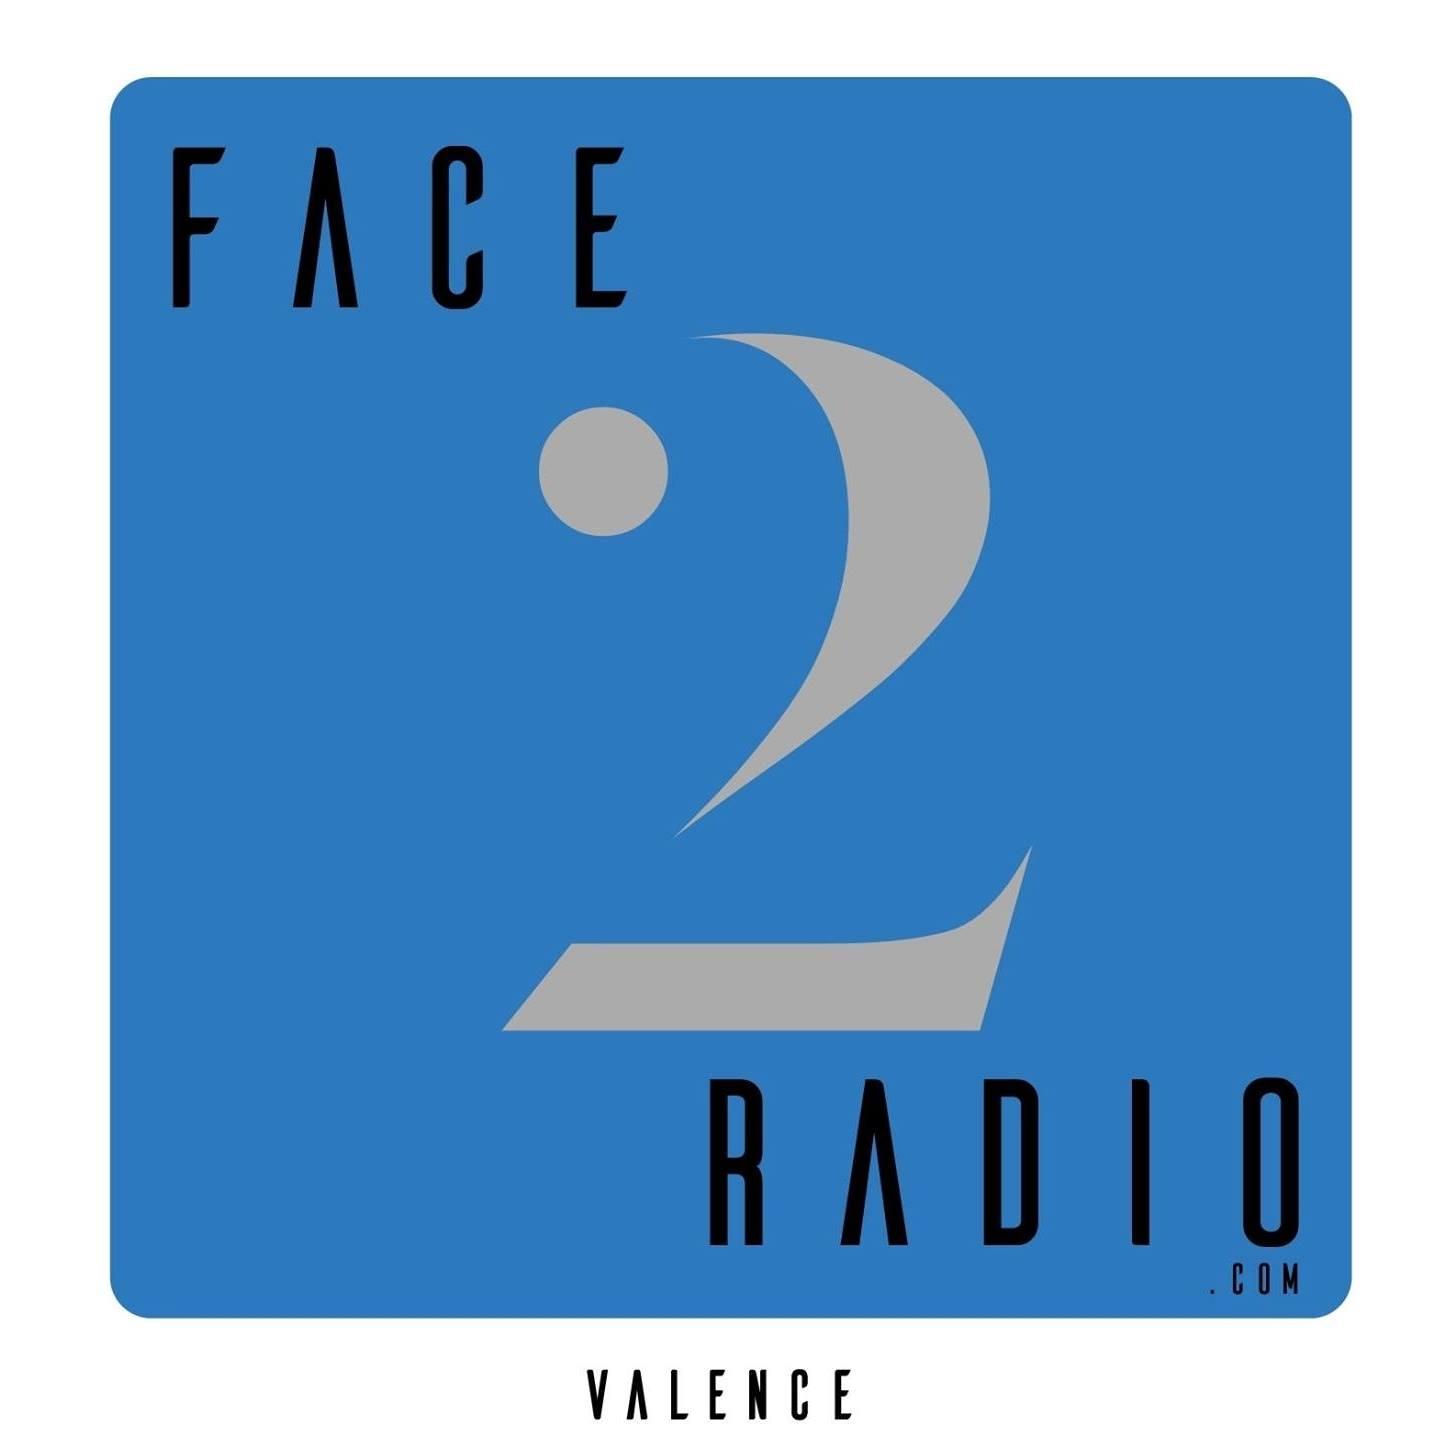 Toujours autant de succès pour Face 2 Radio